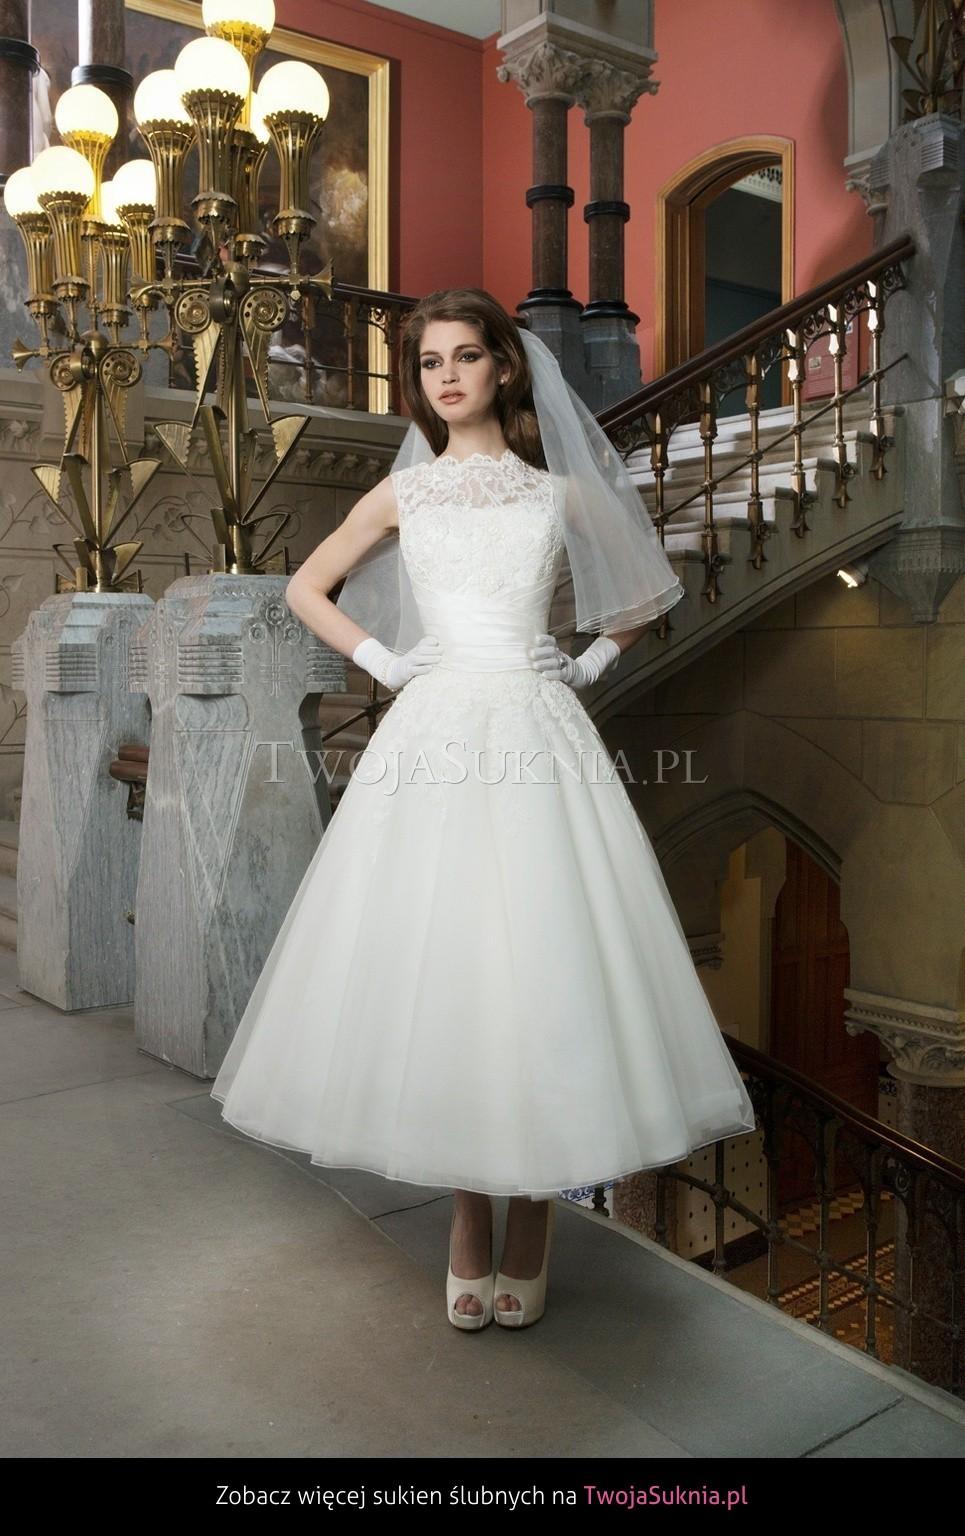 6fb4fa3bf2 Krótkie sukienki ślubne. Brałam je pod uwagę ze względu na wygodę noszenia  i możliwość ponownego ich wykorzystania. Tak jak sądziłam długość do pół  łydki ...